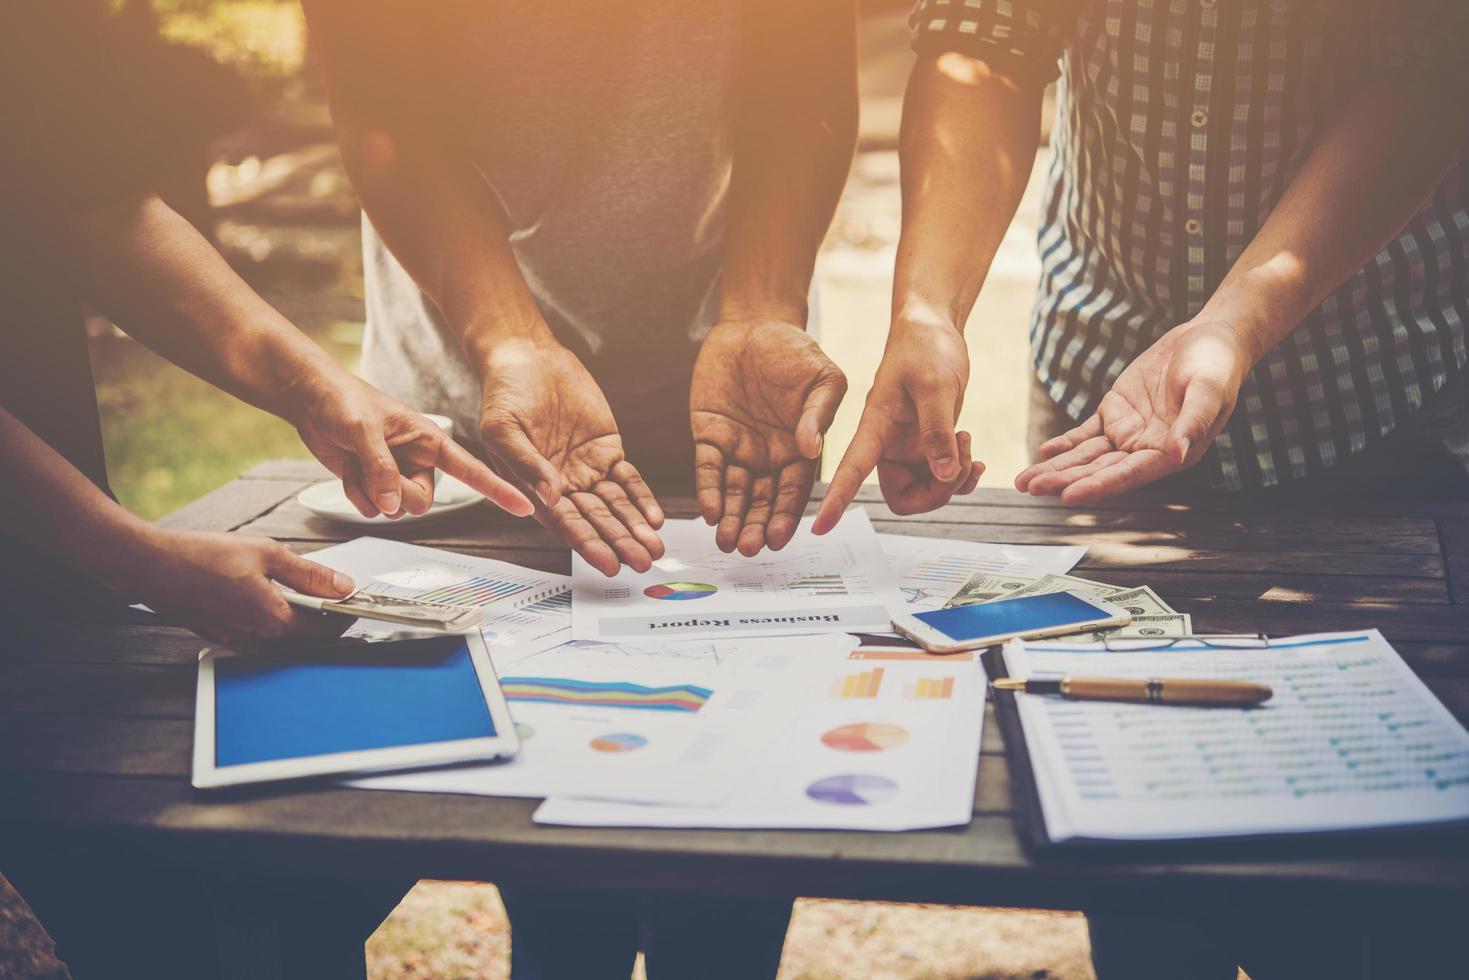 groep bedrijfsmensenanalyse met marketingrapportgrafiek, bespreken jonge specialisten bedrijfsideeën voor nieuw digitaal startproject. foto